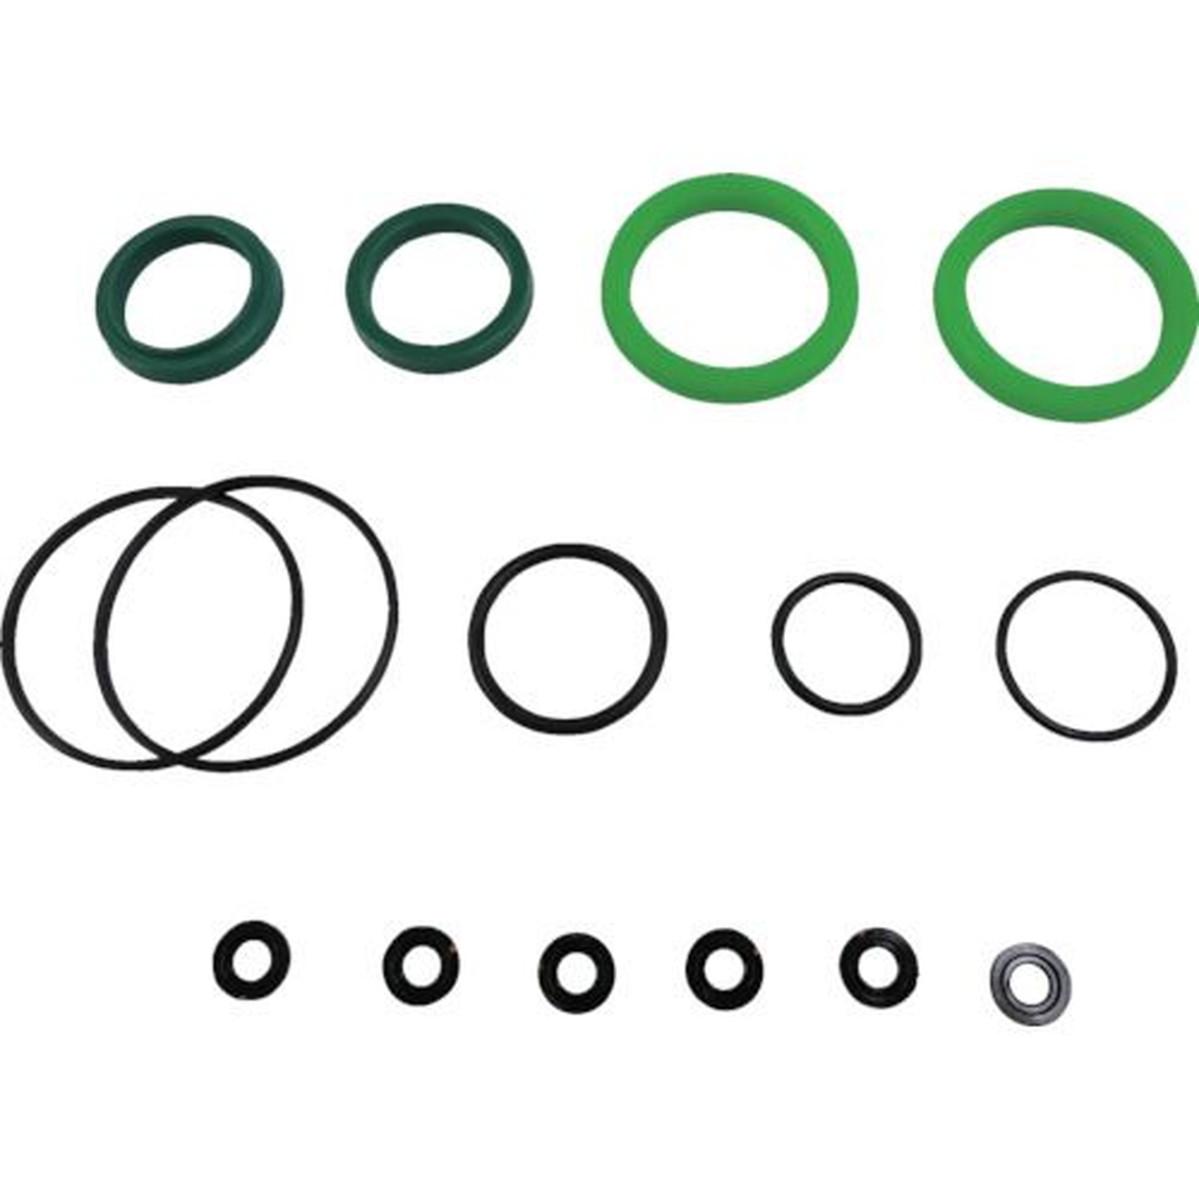 あす楽対応 新商品 DIY用品 TAIYO 油圧シリンダ用メンテナンスパーツ ウレタンゴム 贈答品 スイッチセット用 1S 適合シリンダ内径:φ63